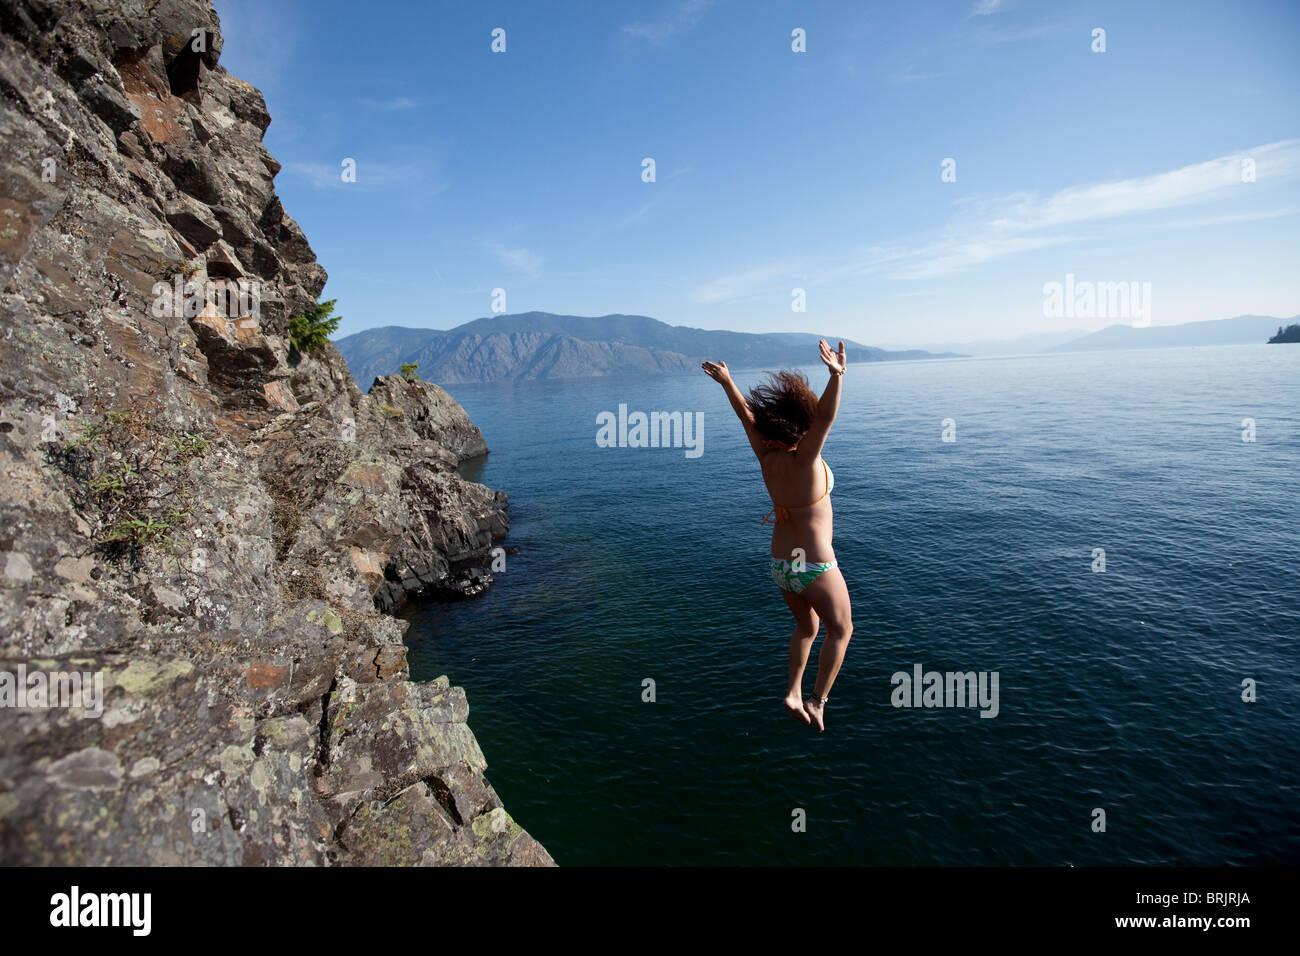 Brincando hembra pequeño acantilado en un lago en Idaho. Imagen De Stock